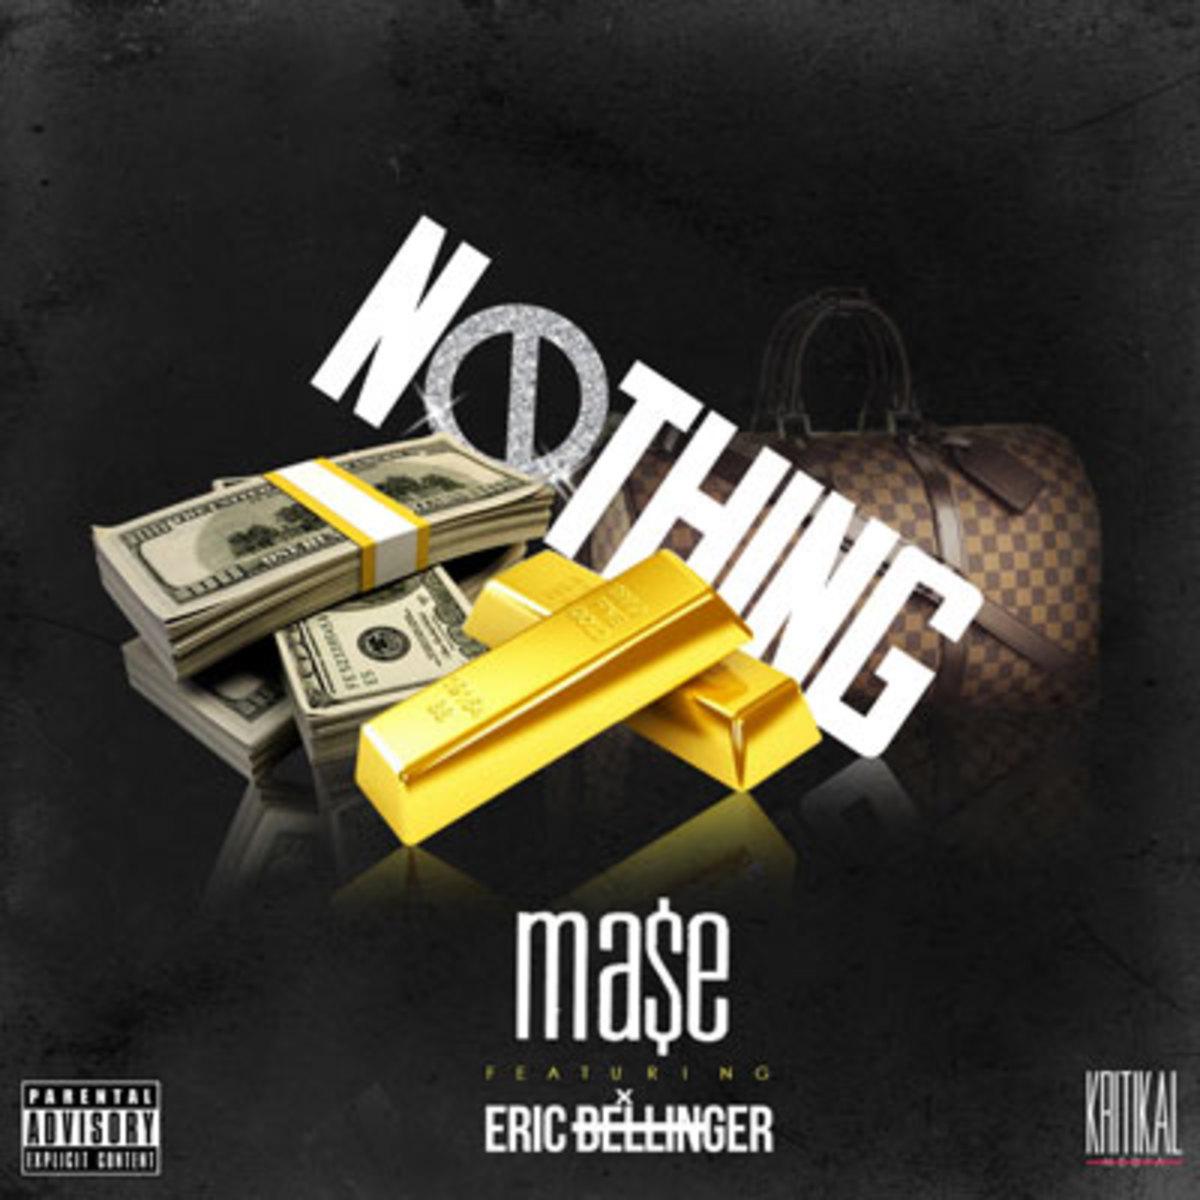 mase-nothing.jpg